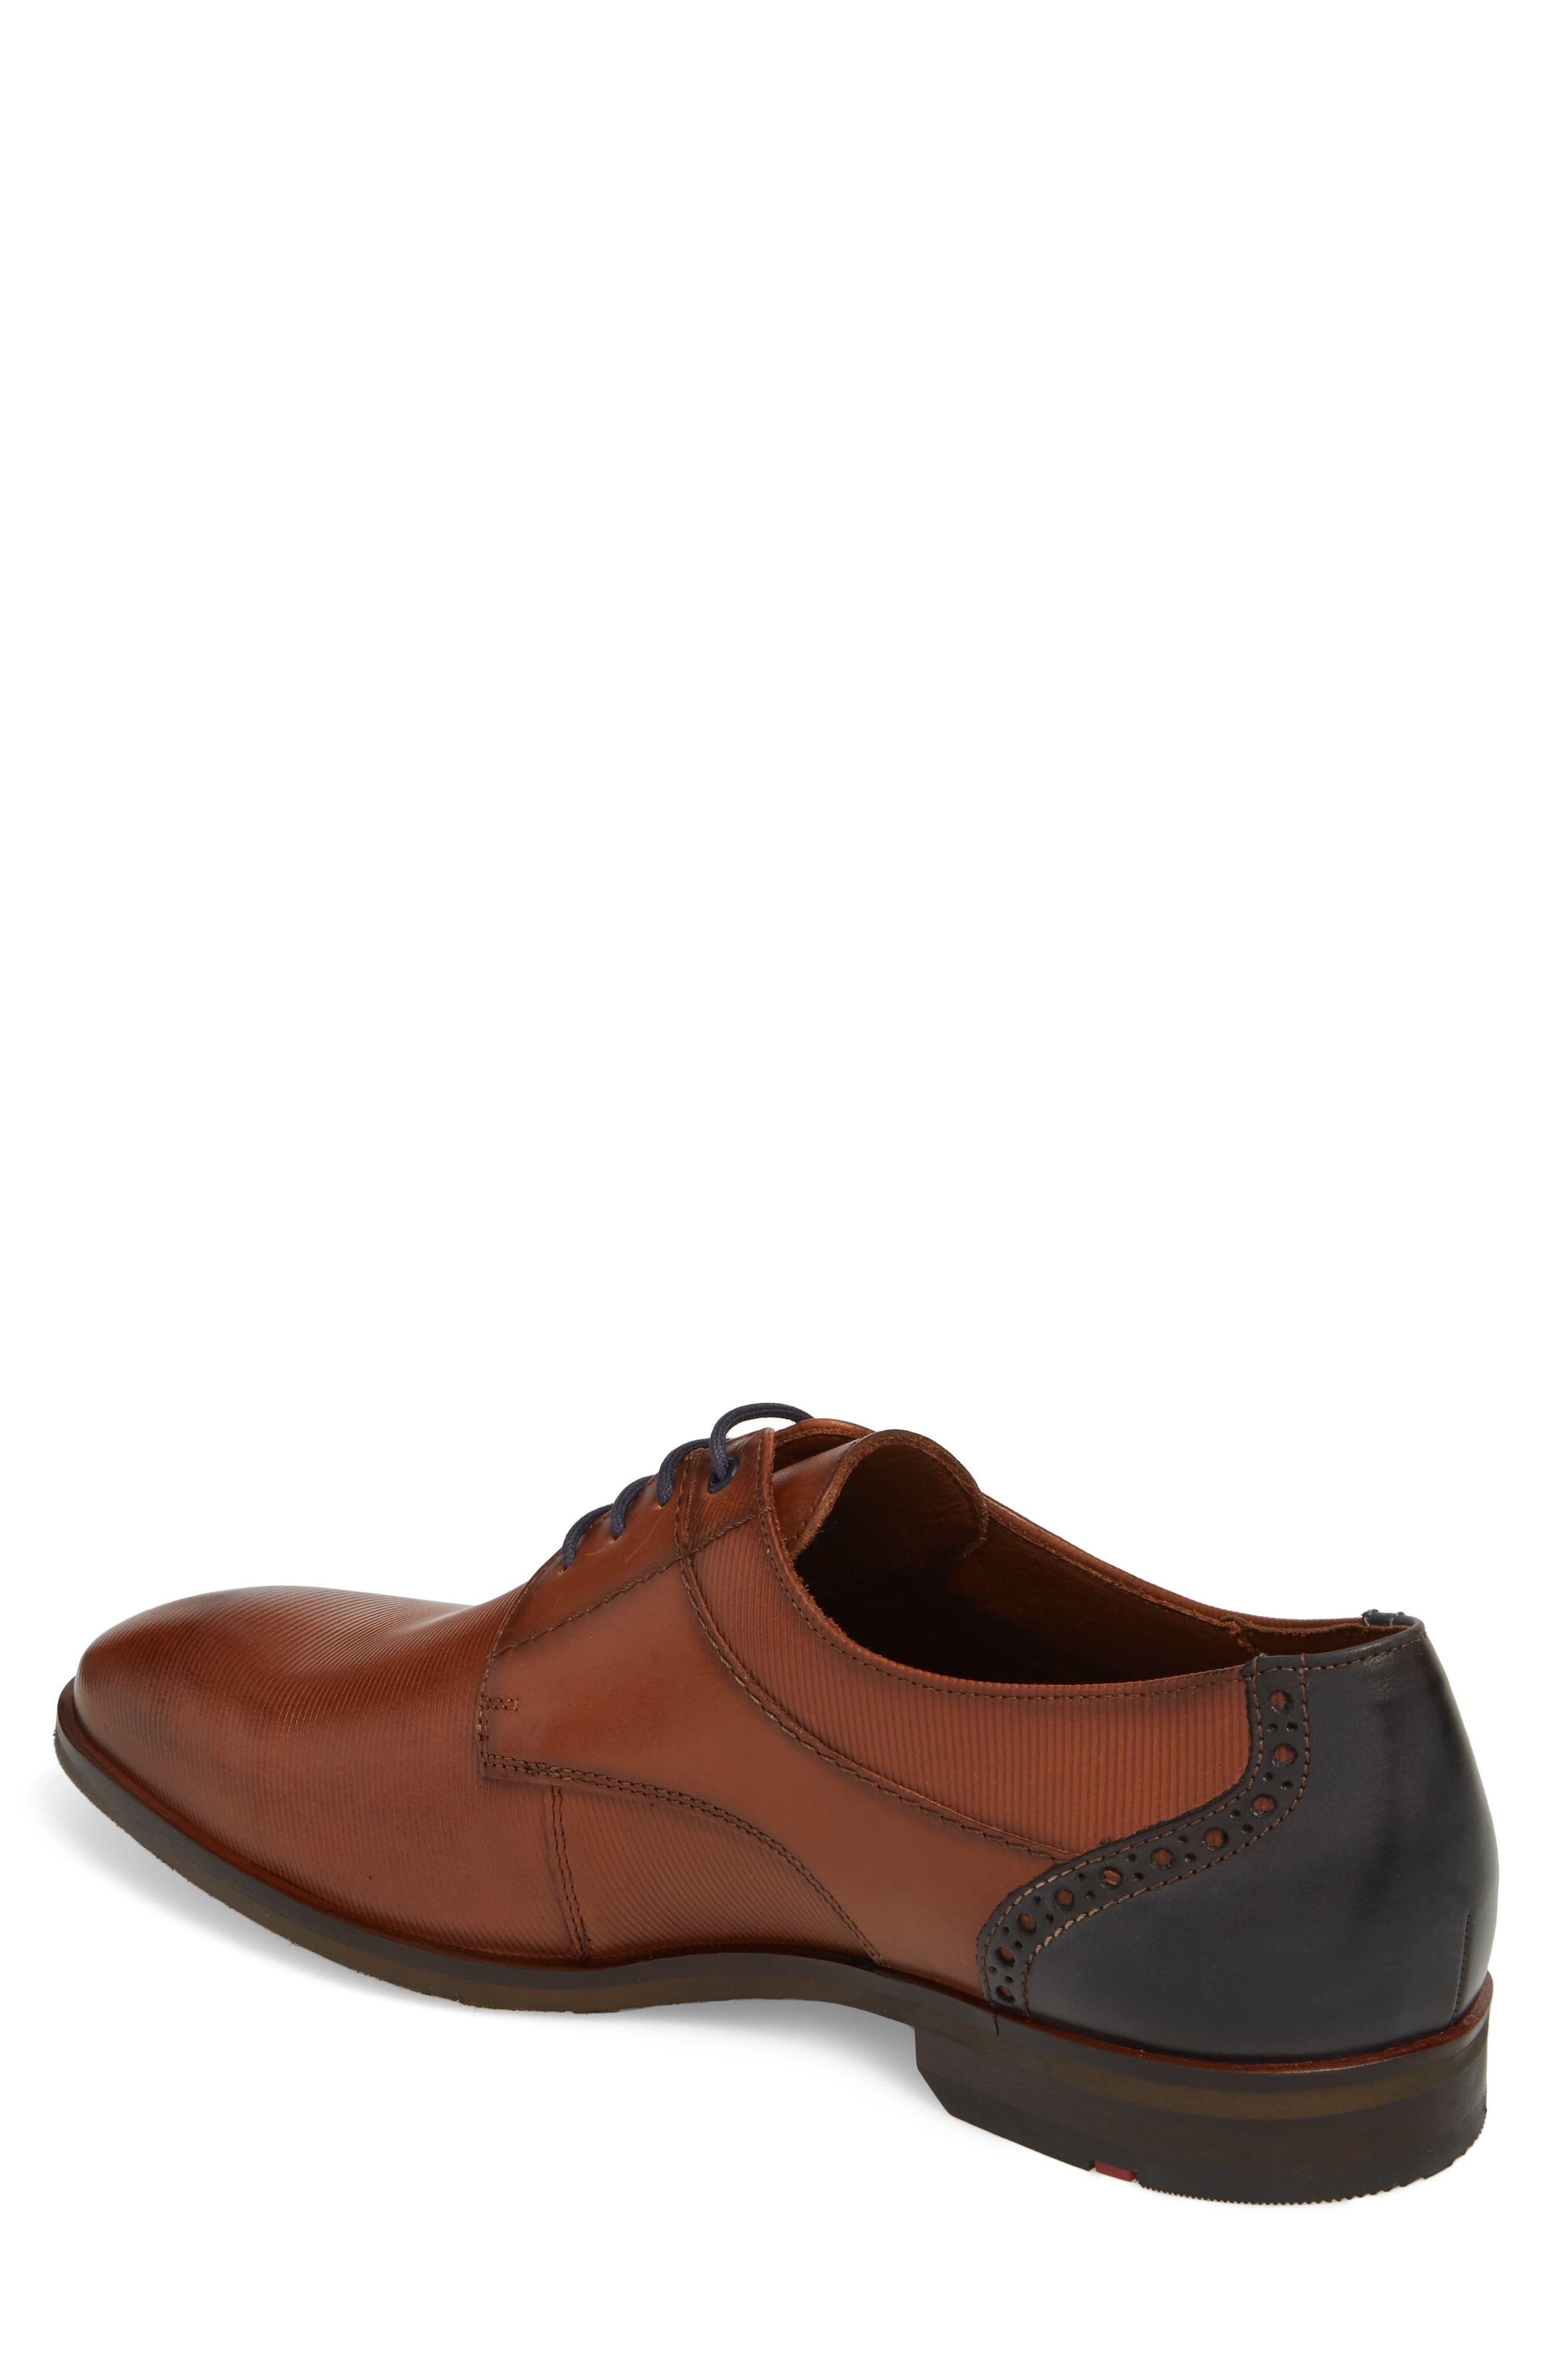 Hamilton Plain Toe Derby,                             Alternate thumbnail 2, color,                             COGNAC LEATHER